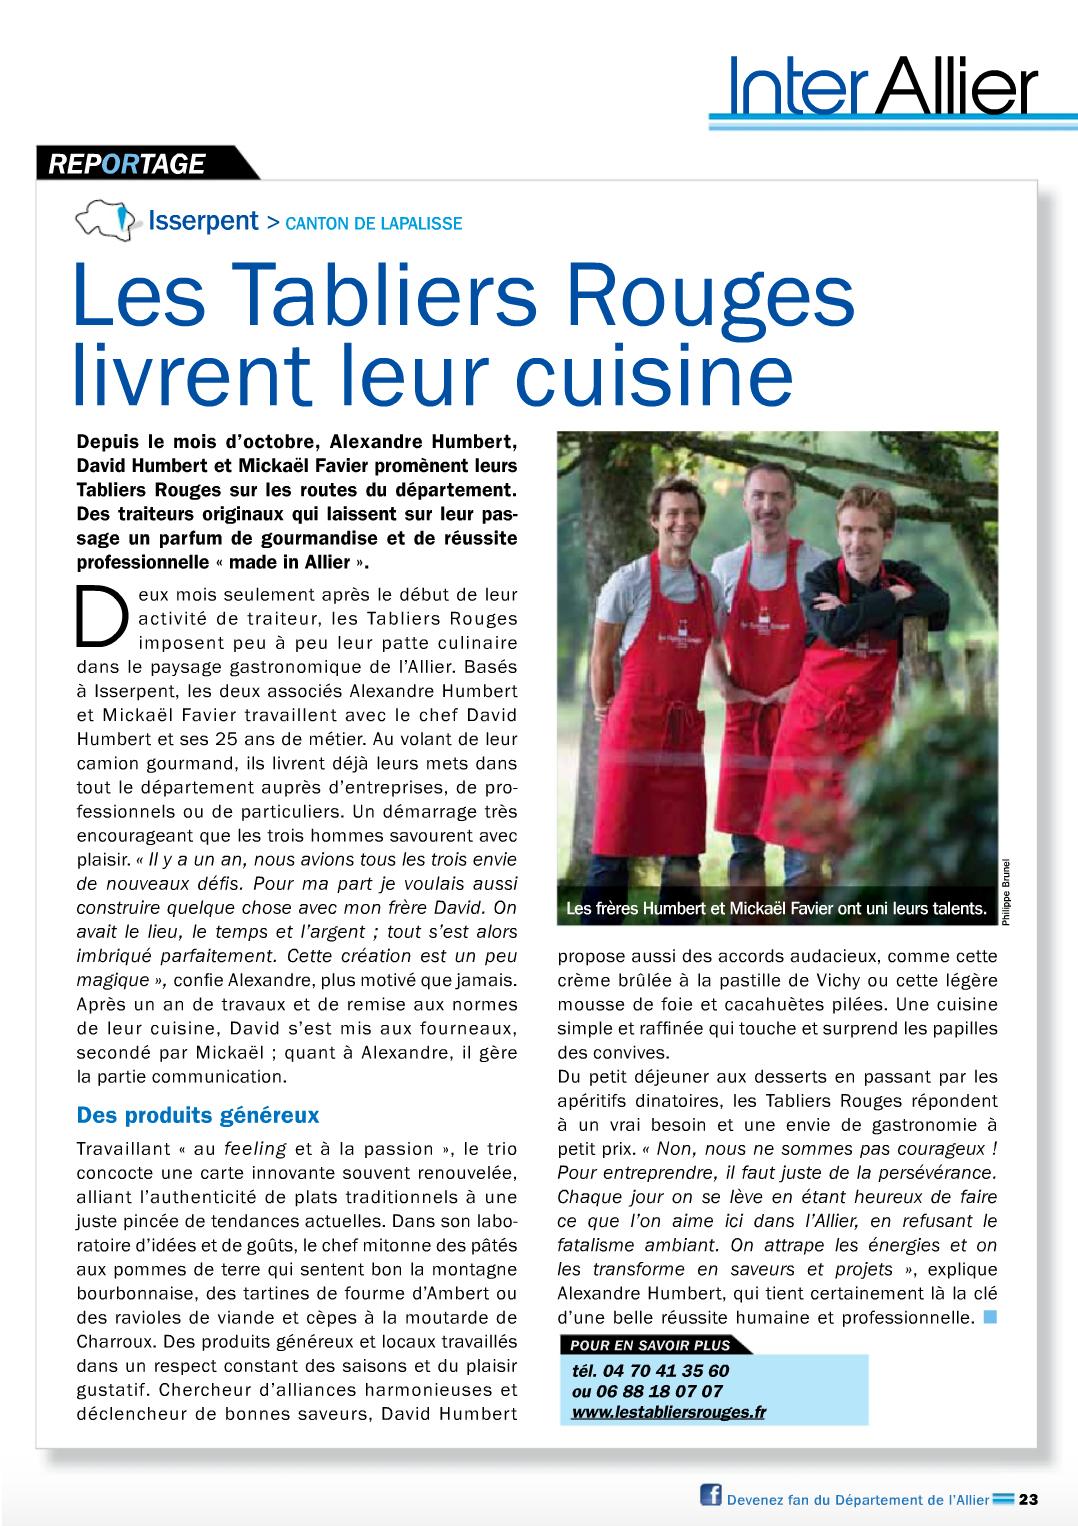 LTR-Reflet-Allier-02-2015